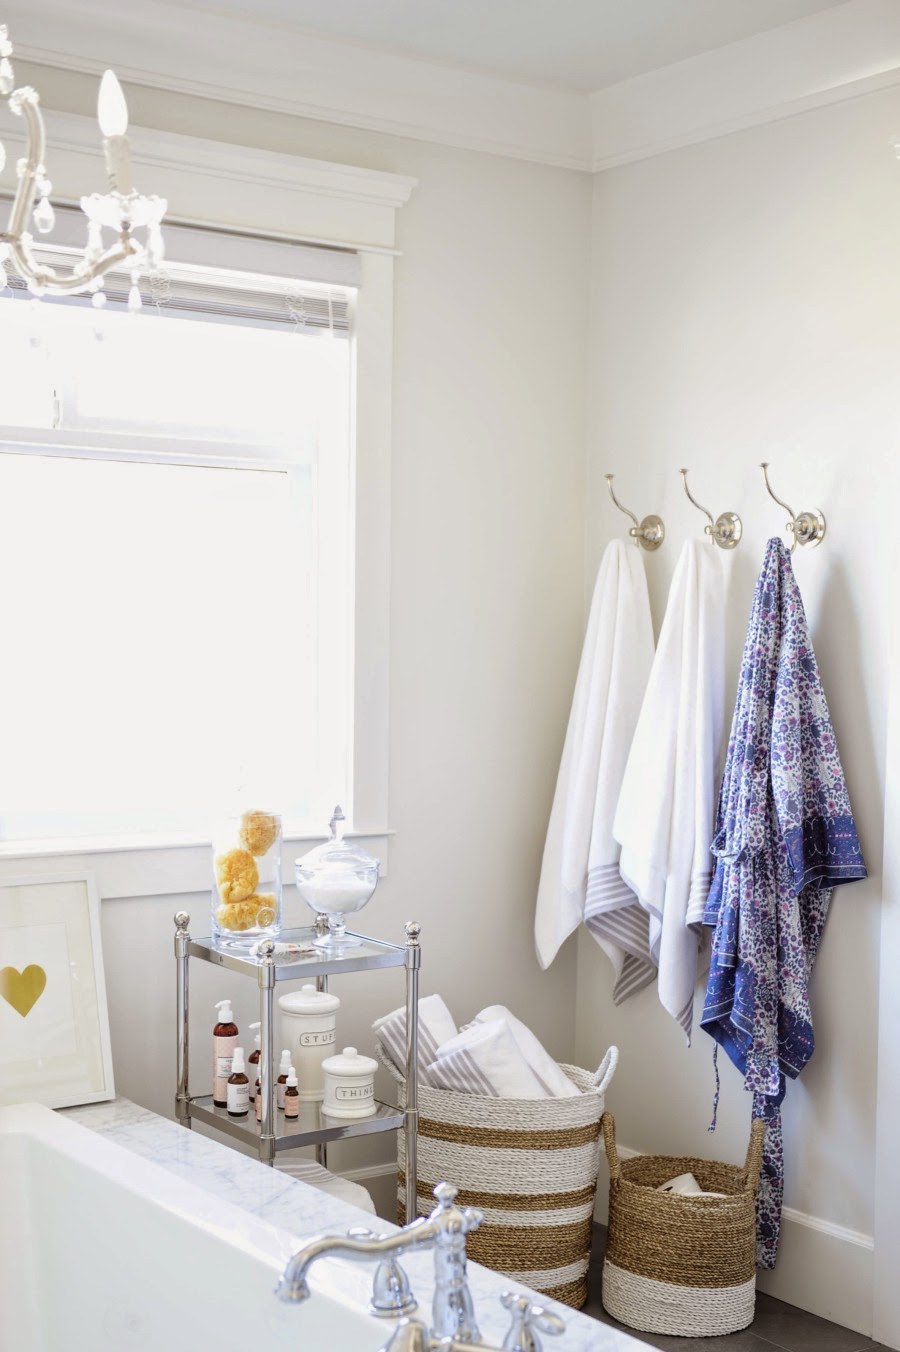 wystrój wnętrz, wnętrza, urządzanie mieszkania, dom, home decor, dekoracje, aranżacje, białe wnętrza, łazienka glamour